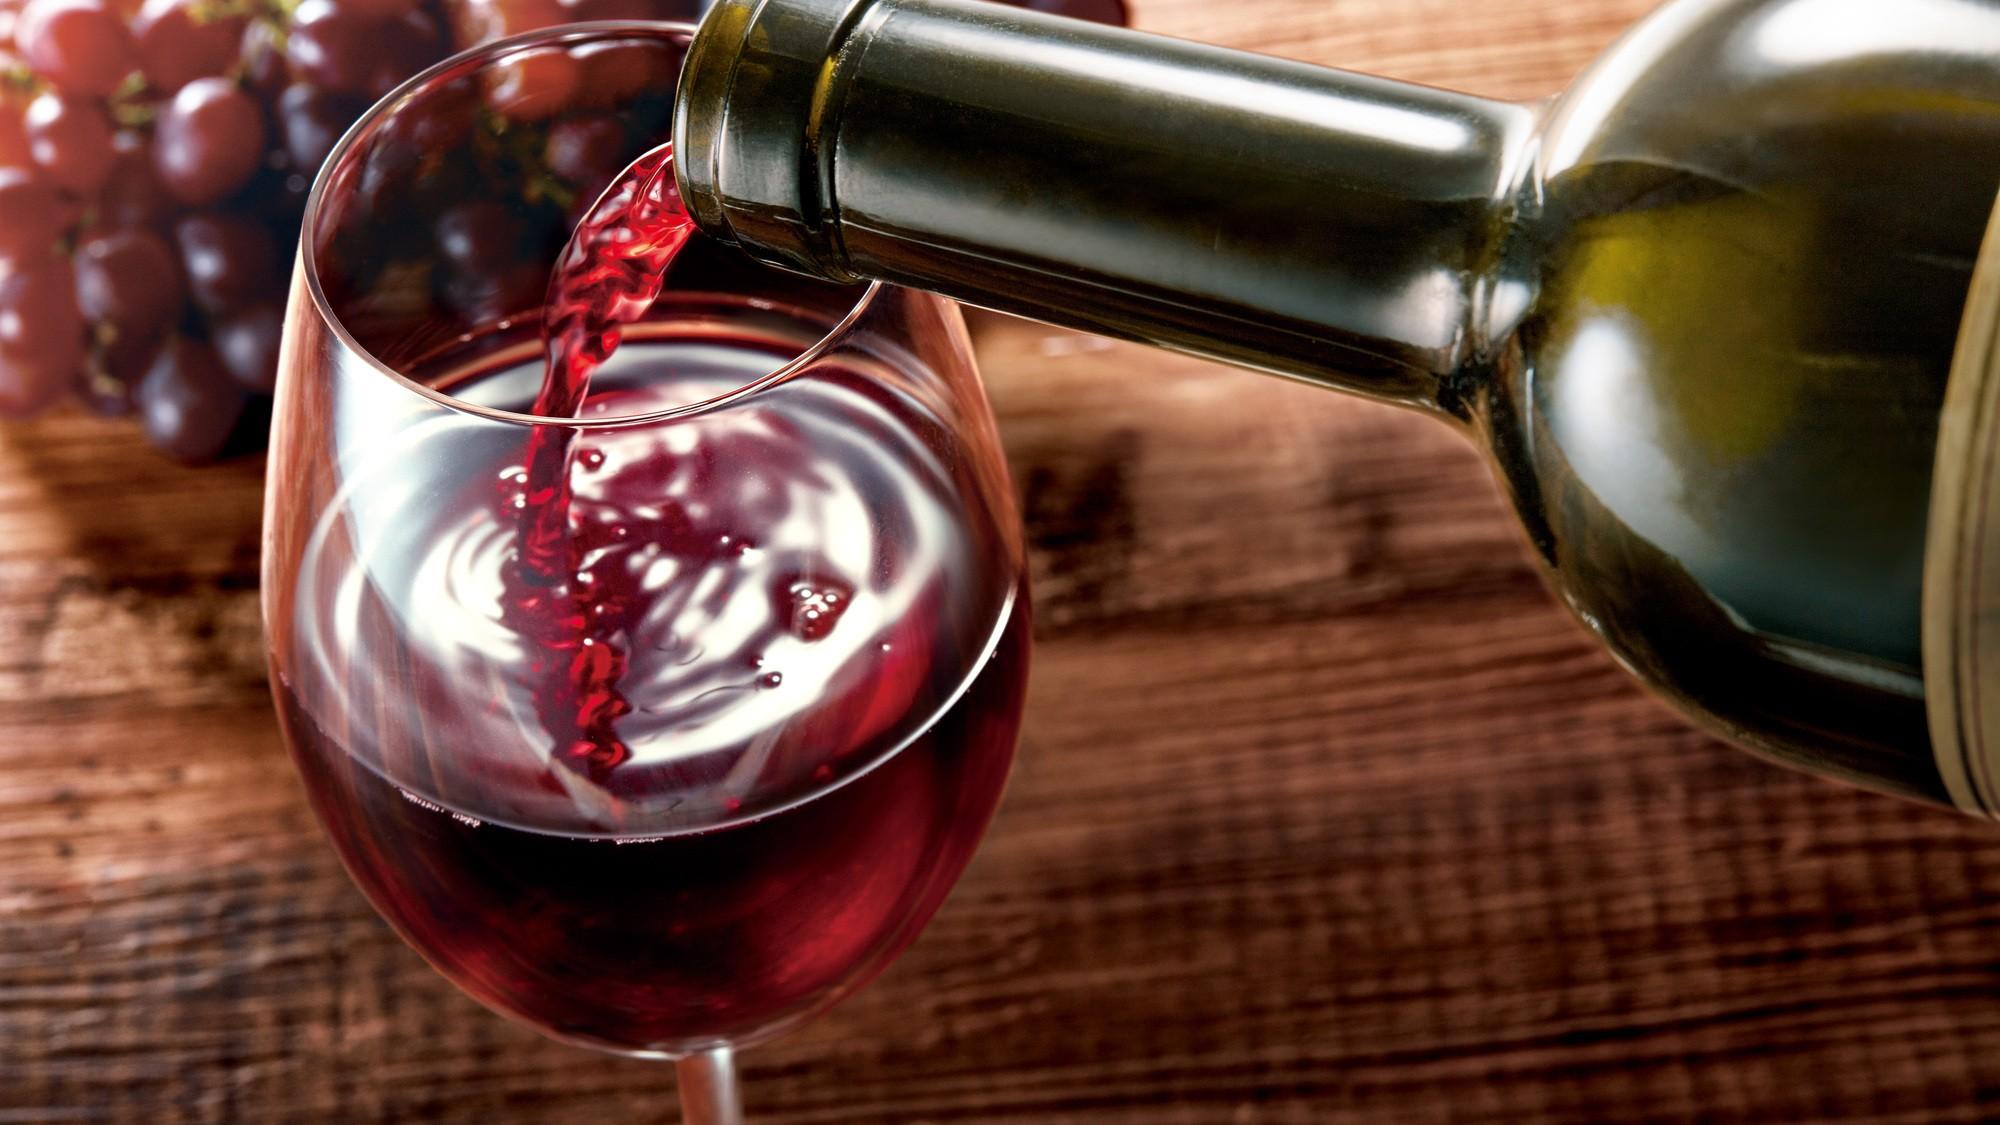 1本数百万円の価値を守るため、ワイン生産者は何をしている?